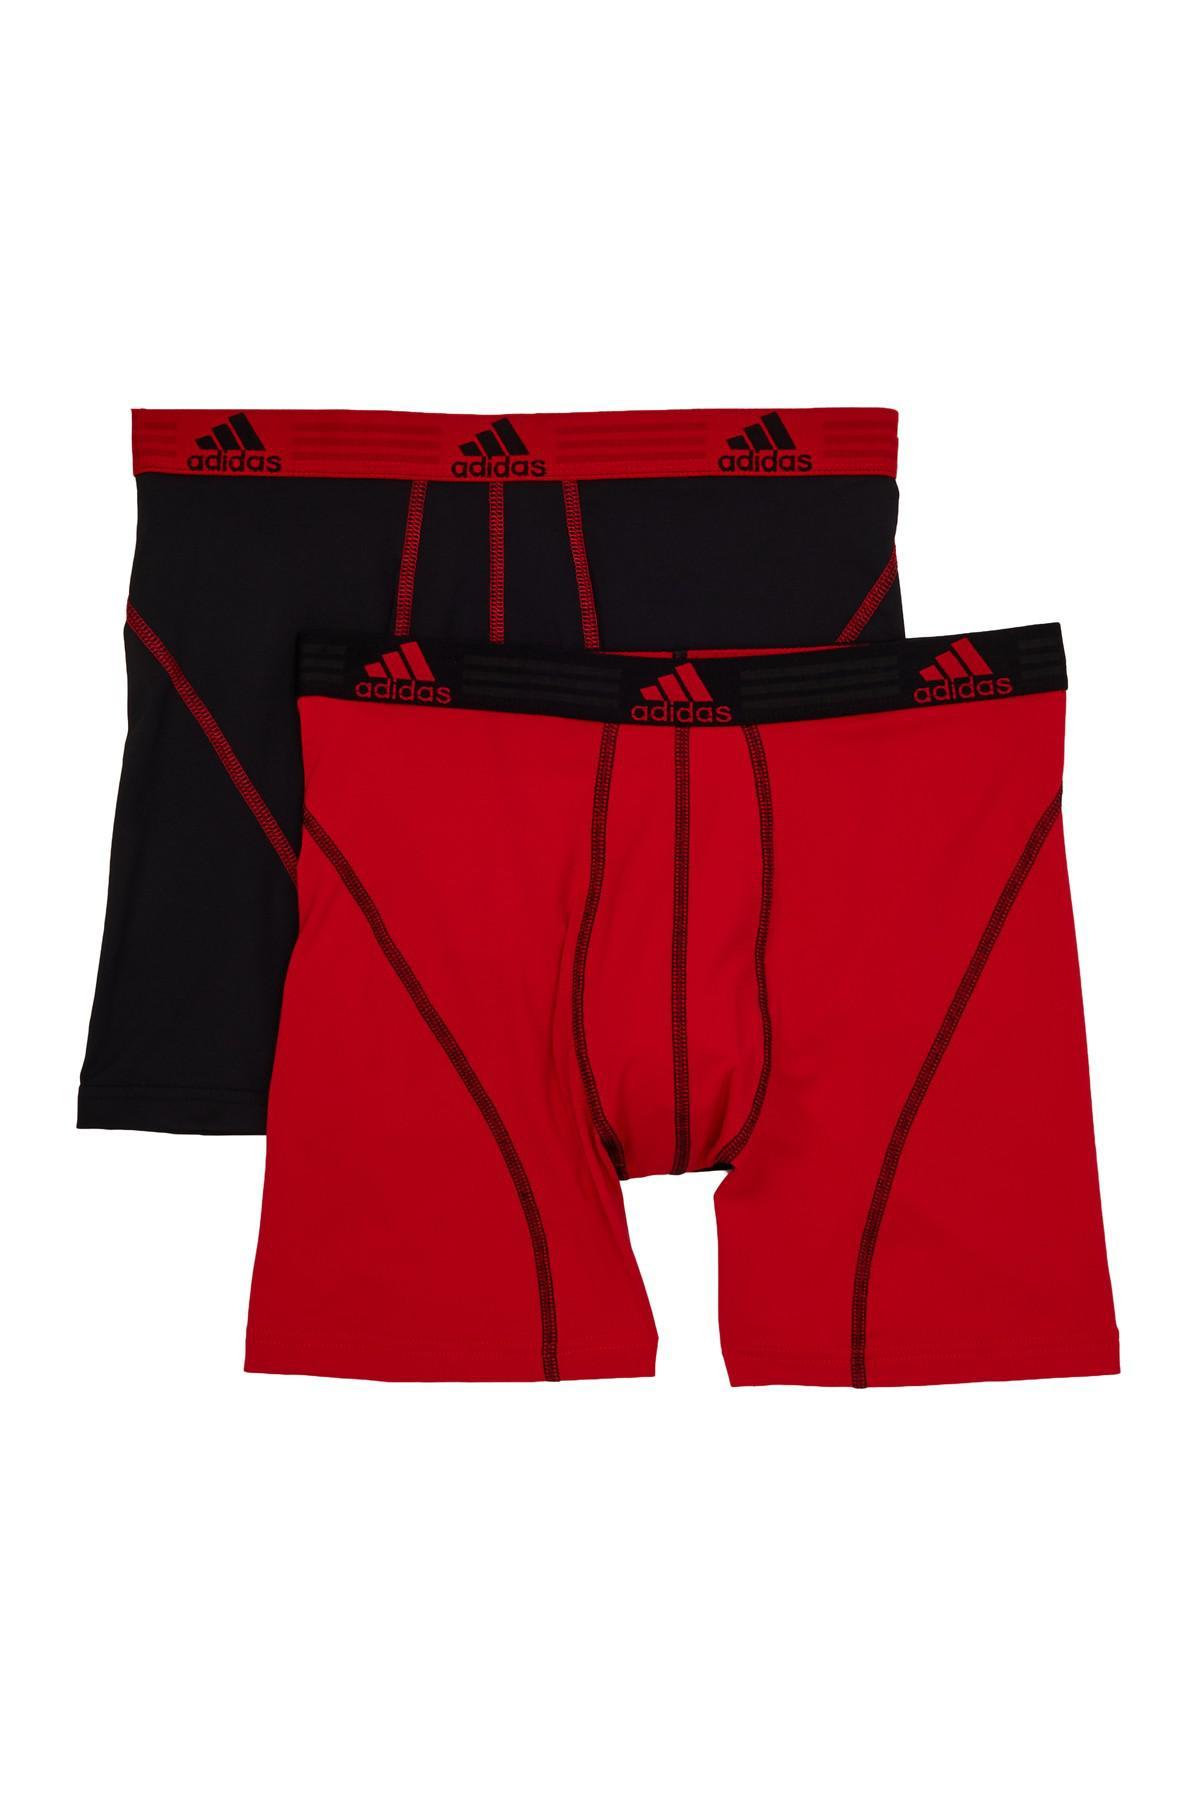 Lyst Adidas Sport Leistung Climalite Boxer Pack Von 2 M in